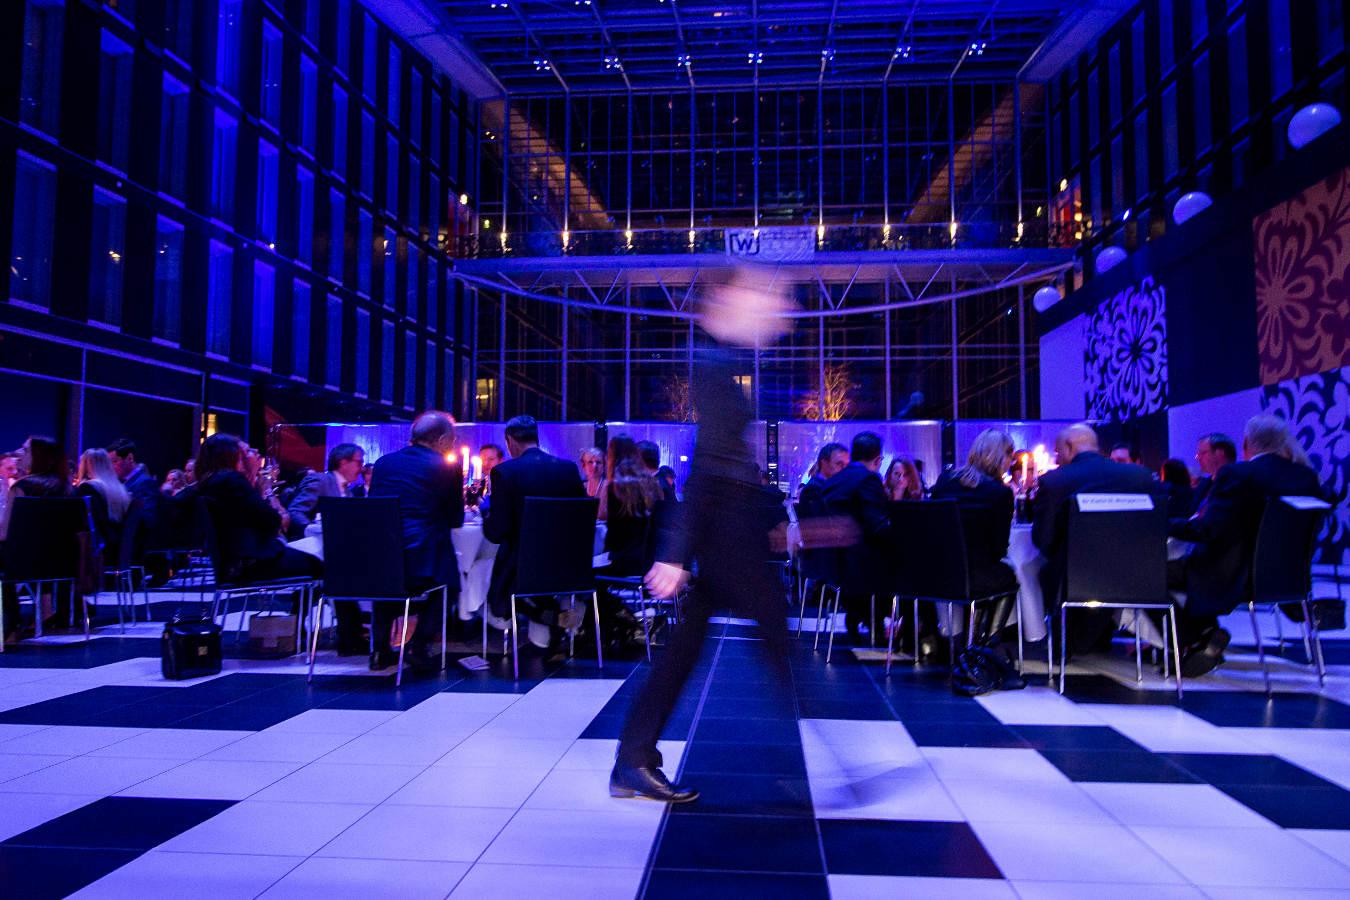 Atmosphärische Fotos bei Event in Bonn